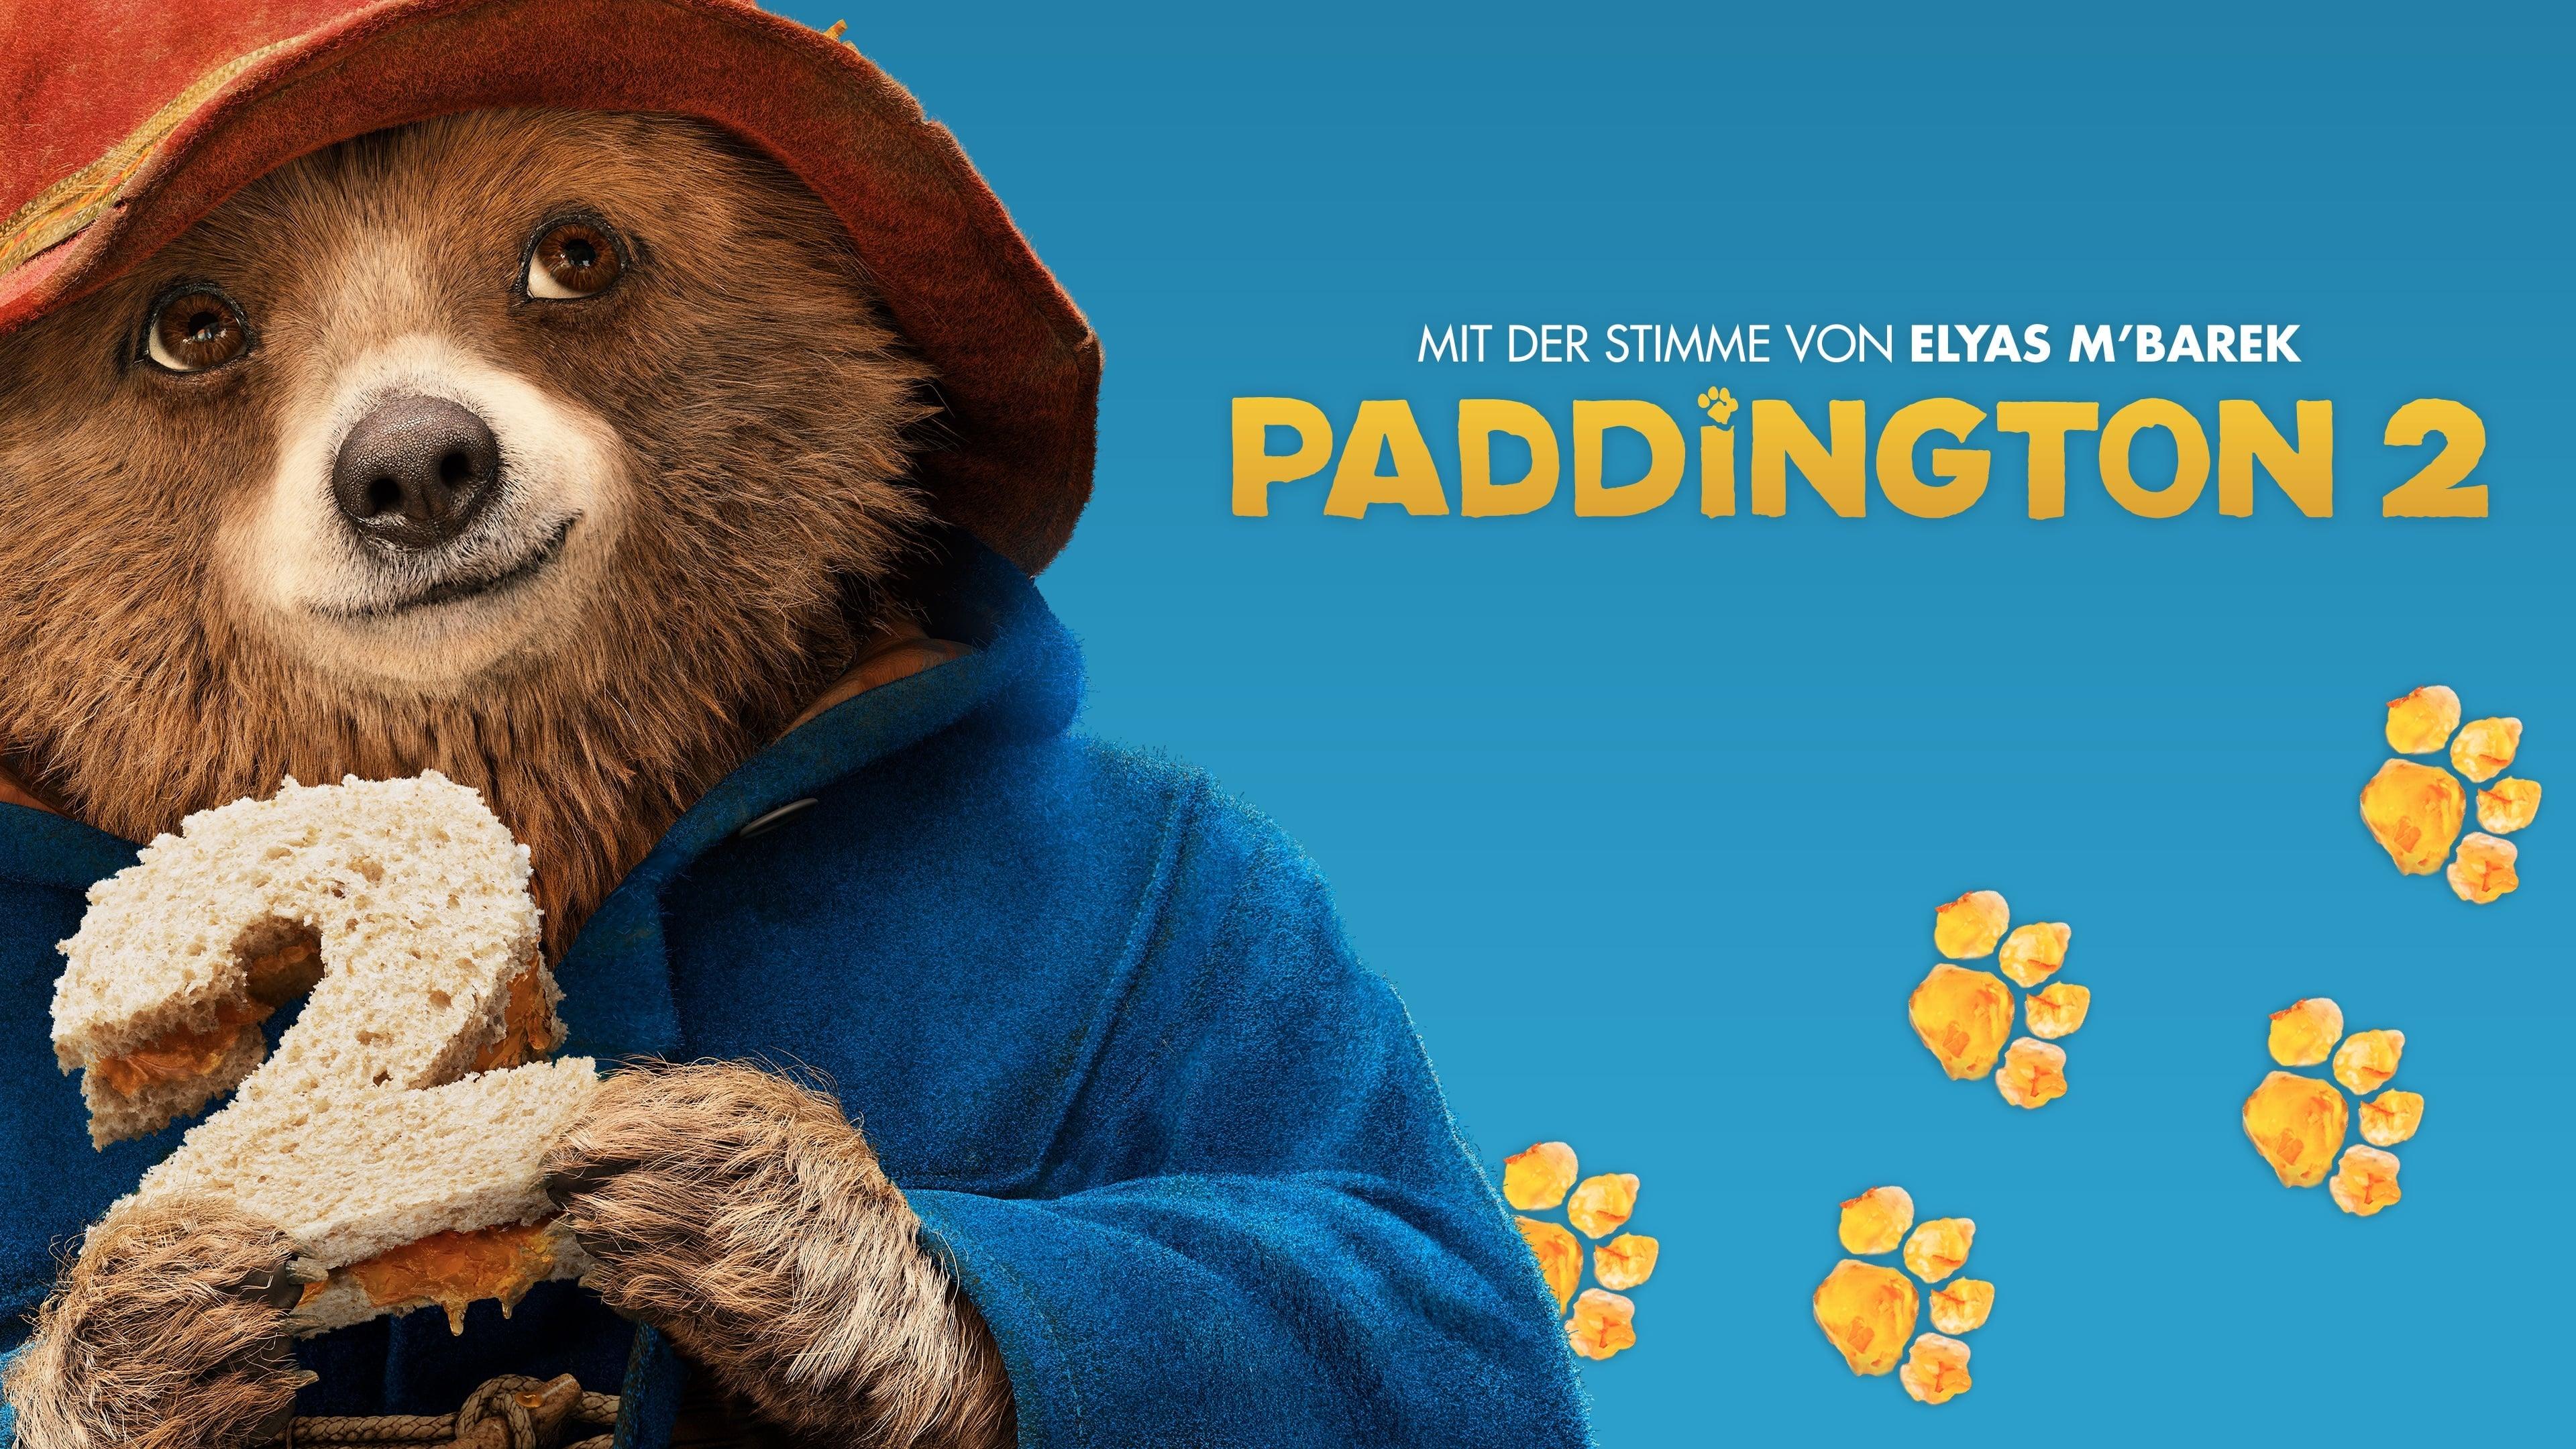 El oso Paddington 2